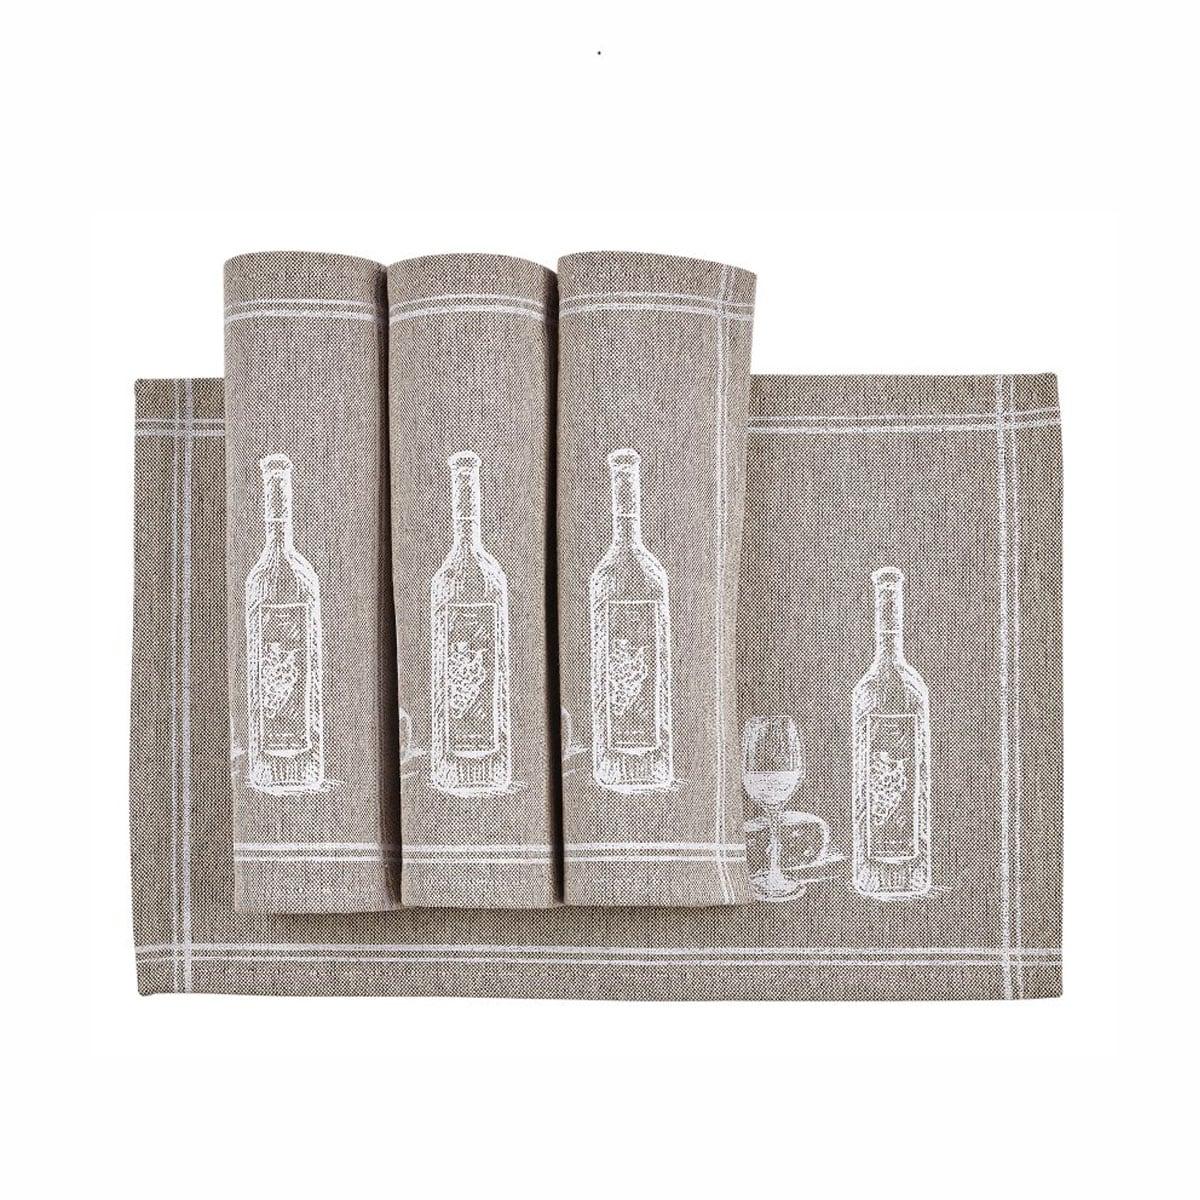 Σουπλά Σετ 4Τμχ. Wine Beige Kentia 35x50cm